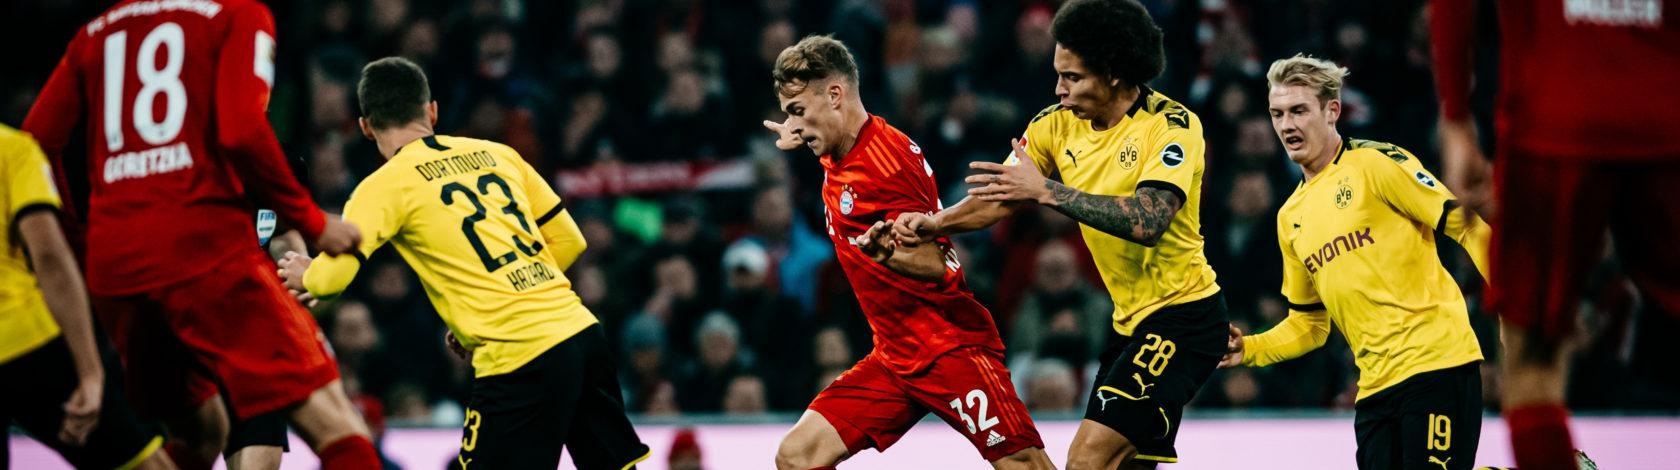 FC Bayern MŸnchen v Borussia Dortmund – Bundesliga for DFL